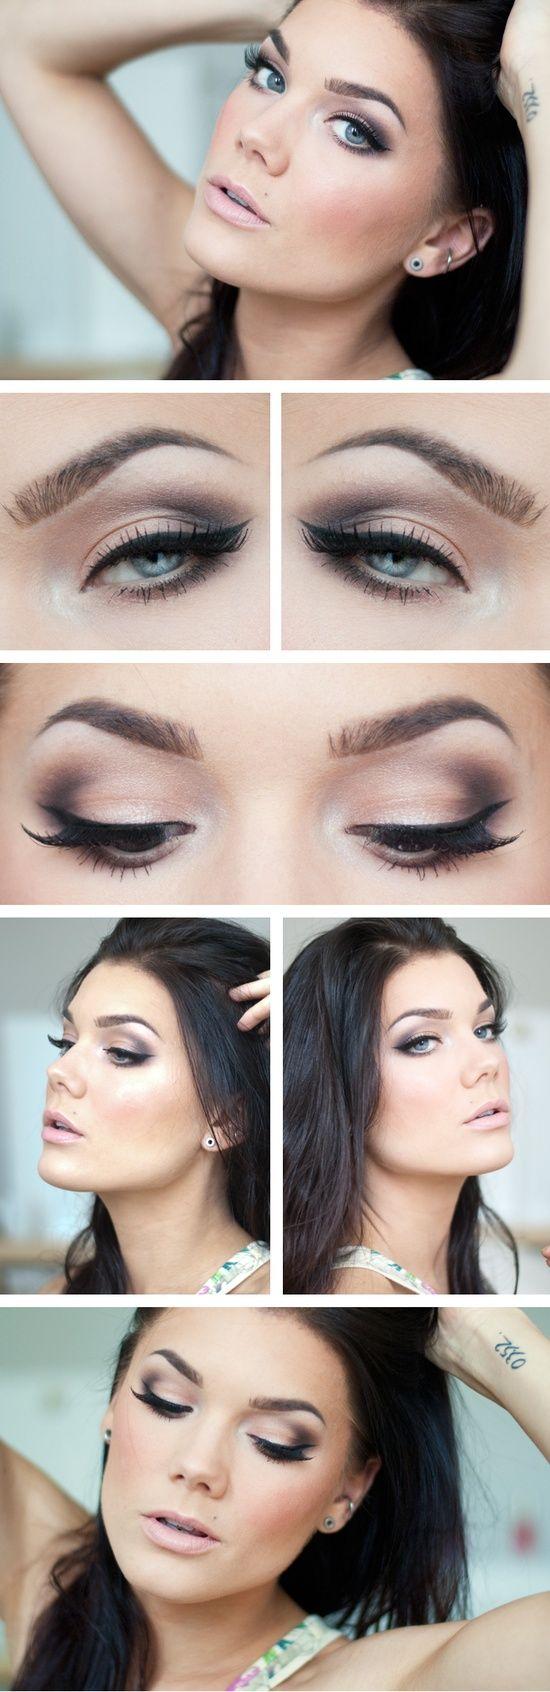 tutorial para uma maquiagem linda